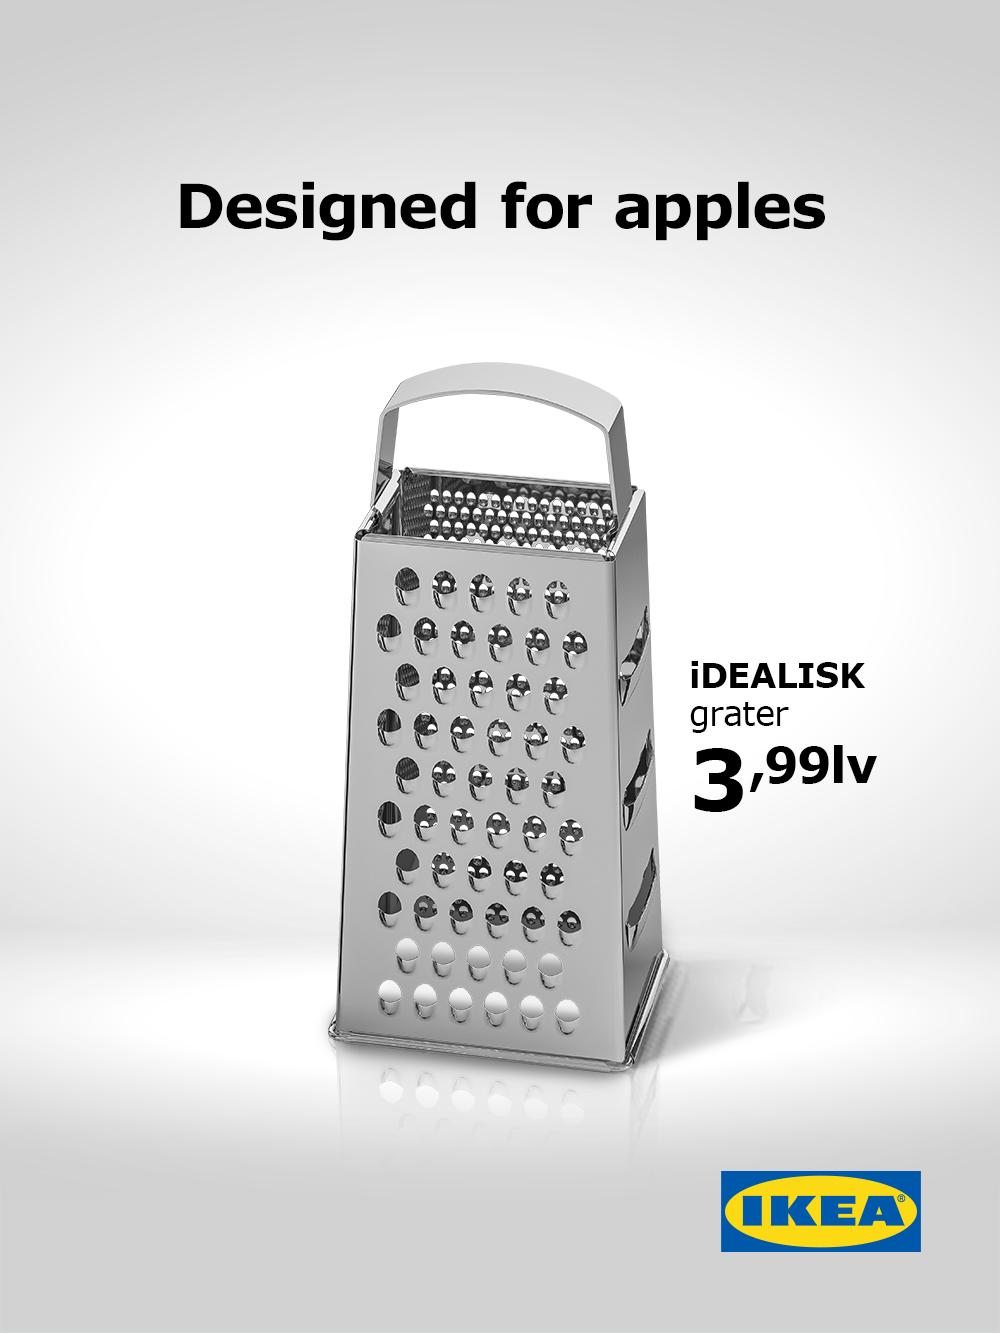 Ikea macht sich erneut über Apple lustig